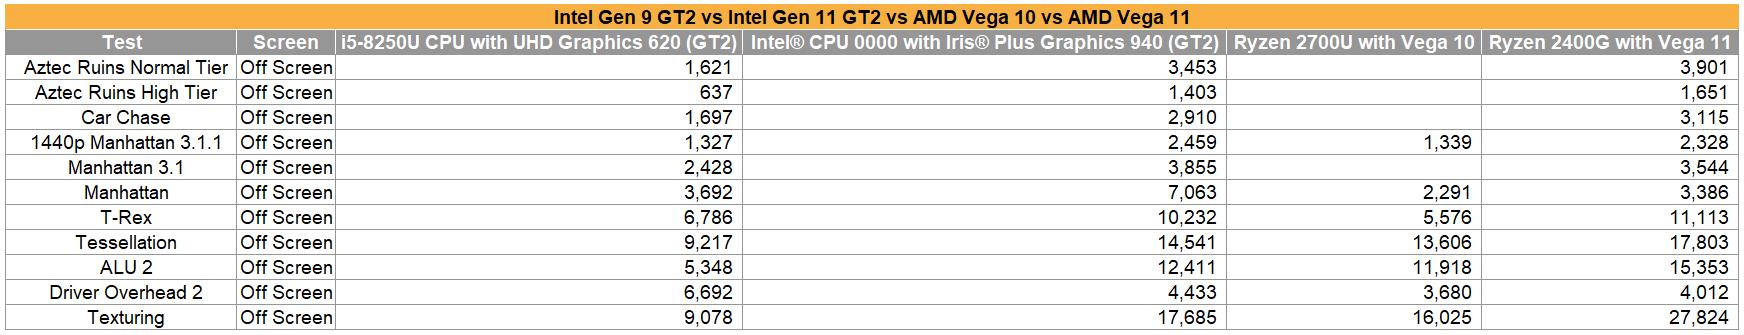 Intel Gen9 vs Gen11 vs Vega 10 vs Vega 11